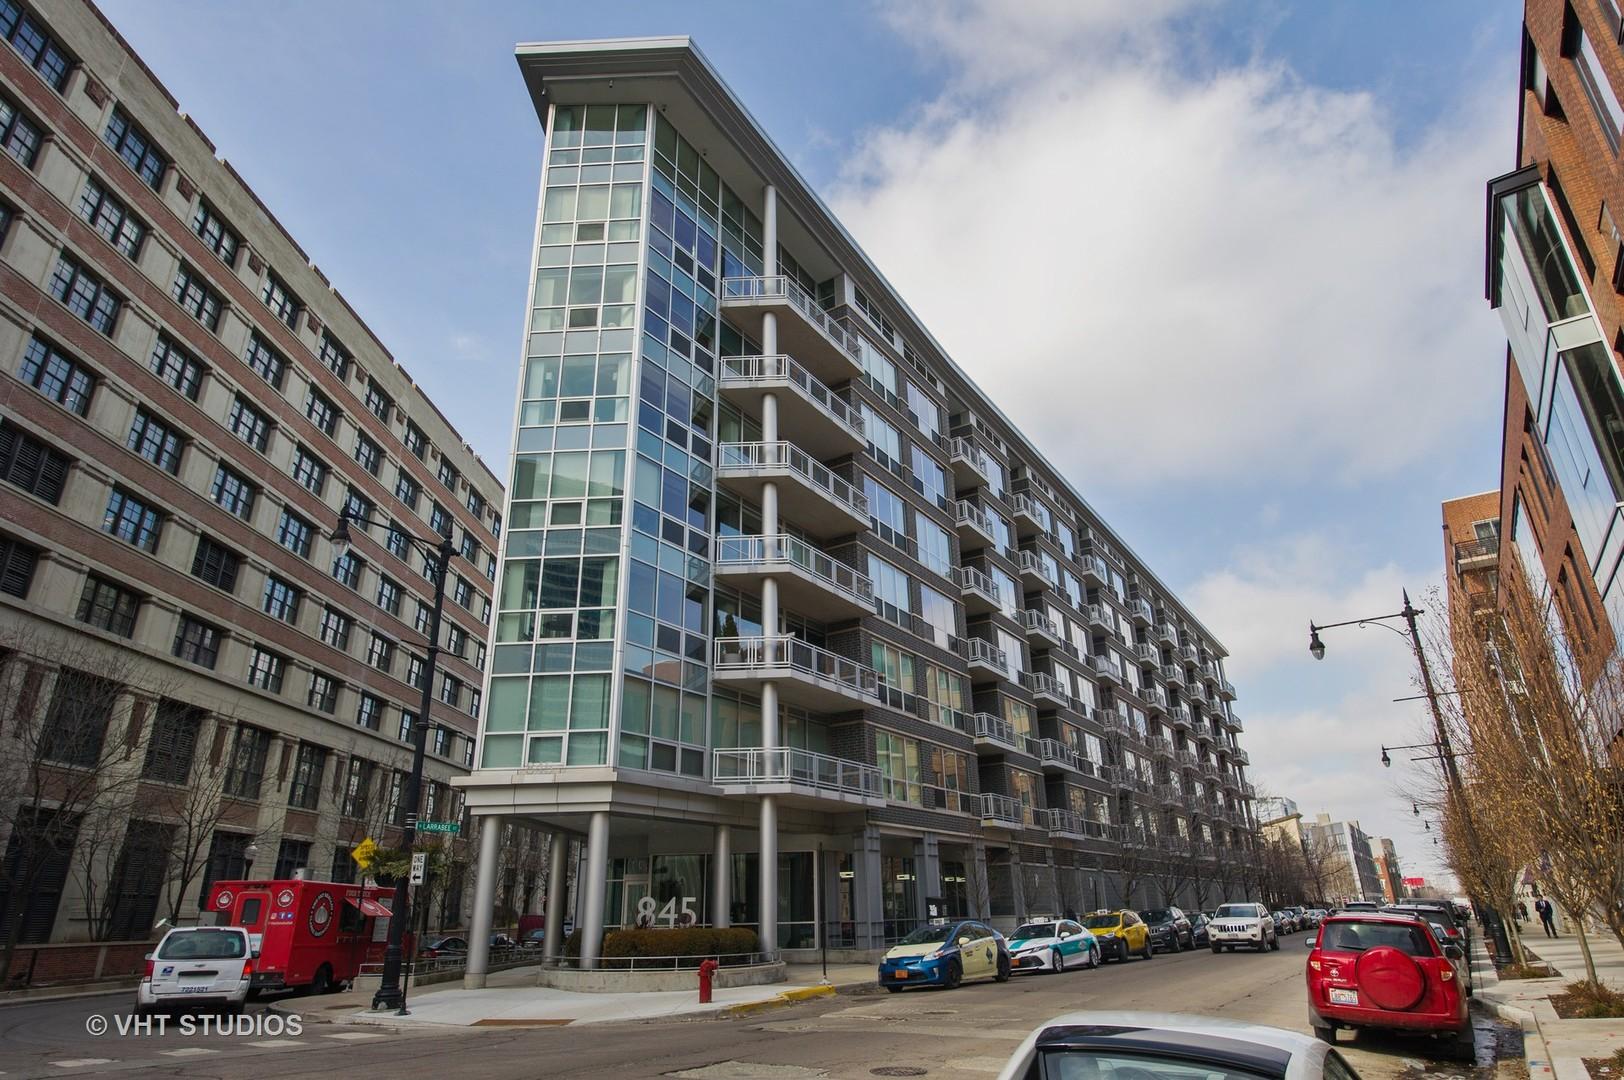 845 Kingsbury Unit Unit 317 ,Chicago, Illinois 60610